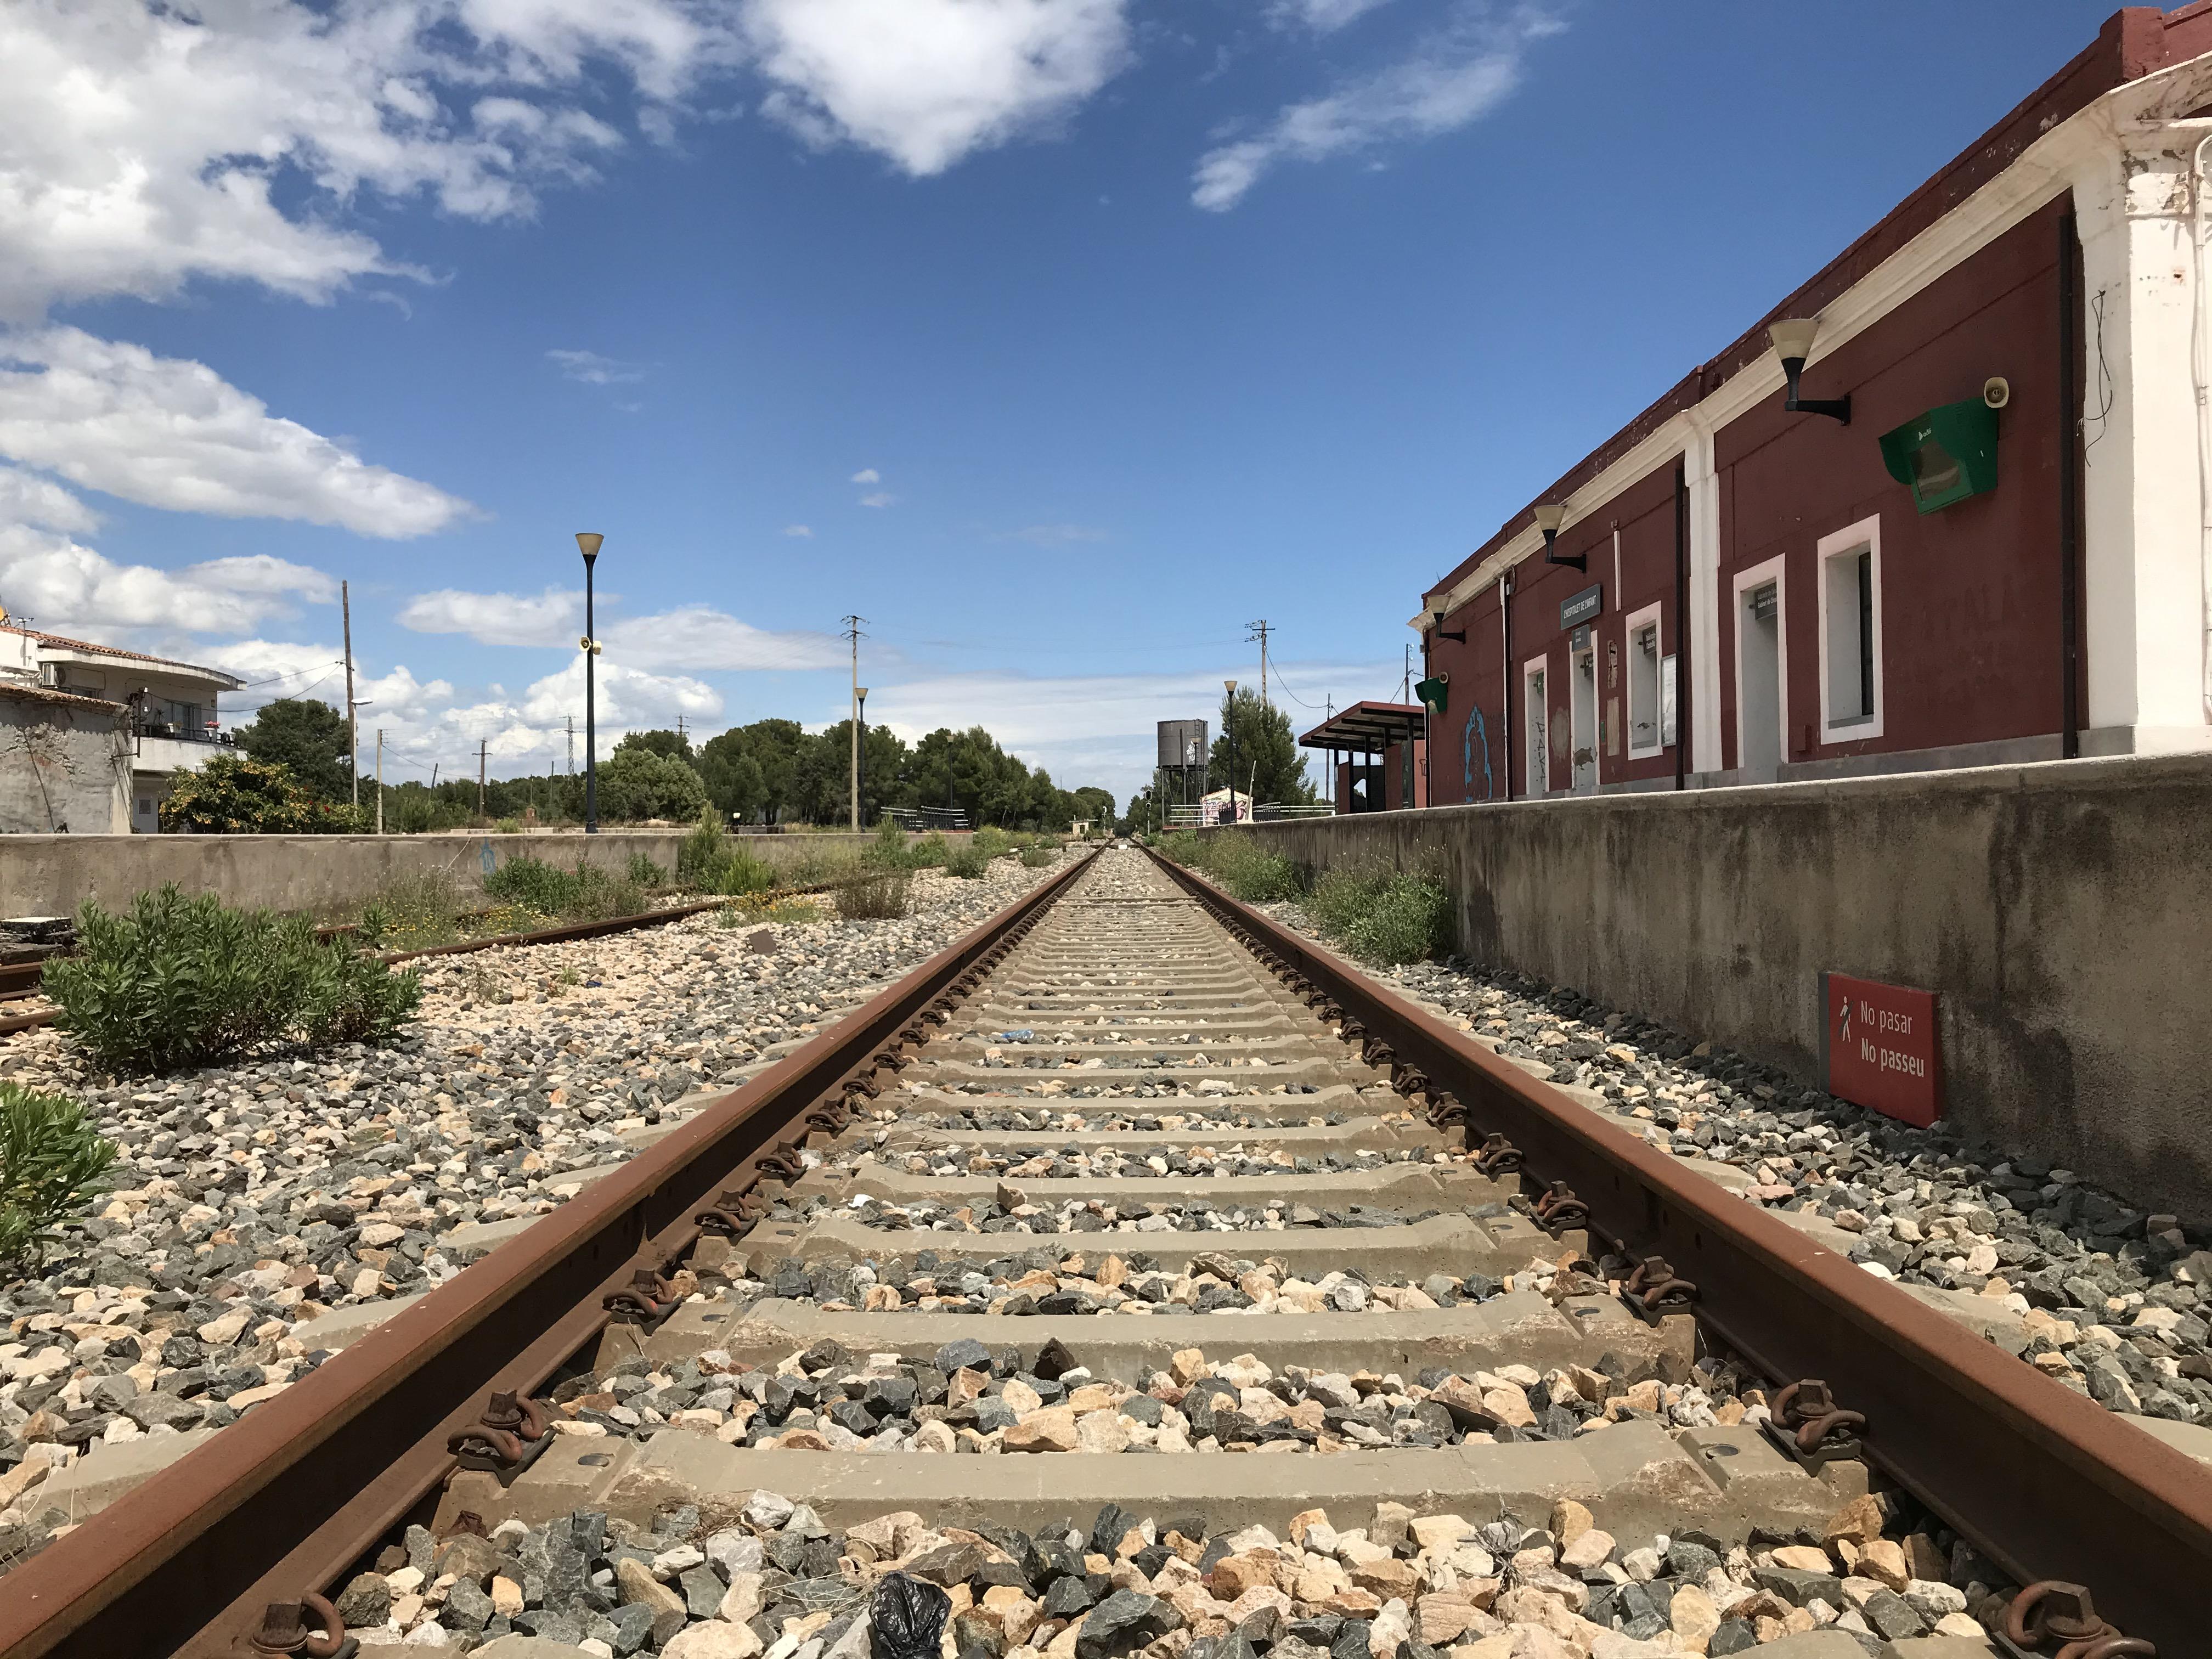 L'Ajuntament de Vandellòs i l'Hospitalet de l'Infant demana que el futur tren-tramvia arribi fins a l'Hospitalet de l'Infant